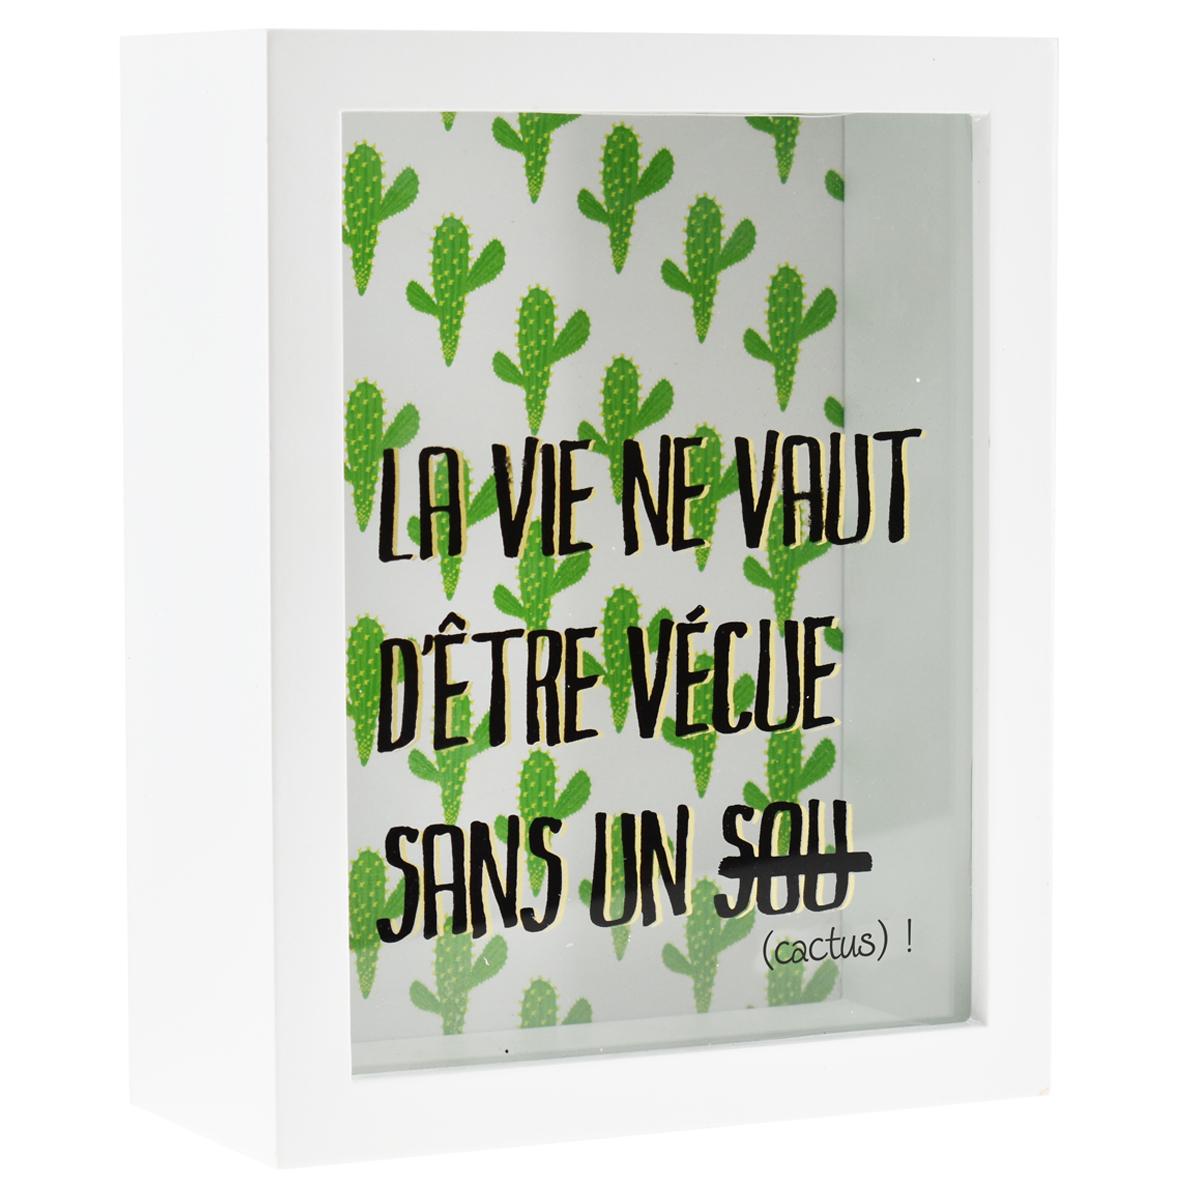 Tirelire bois \'Messages\' blanc vert (La vie ne vaut d\'être vécue sans un sou (cactus) !) - 20x16x7 cm - [R0573]